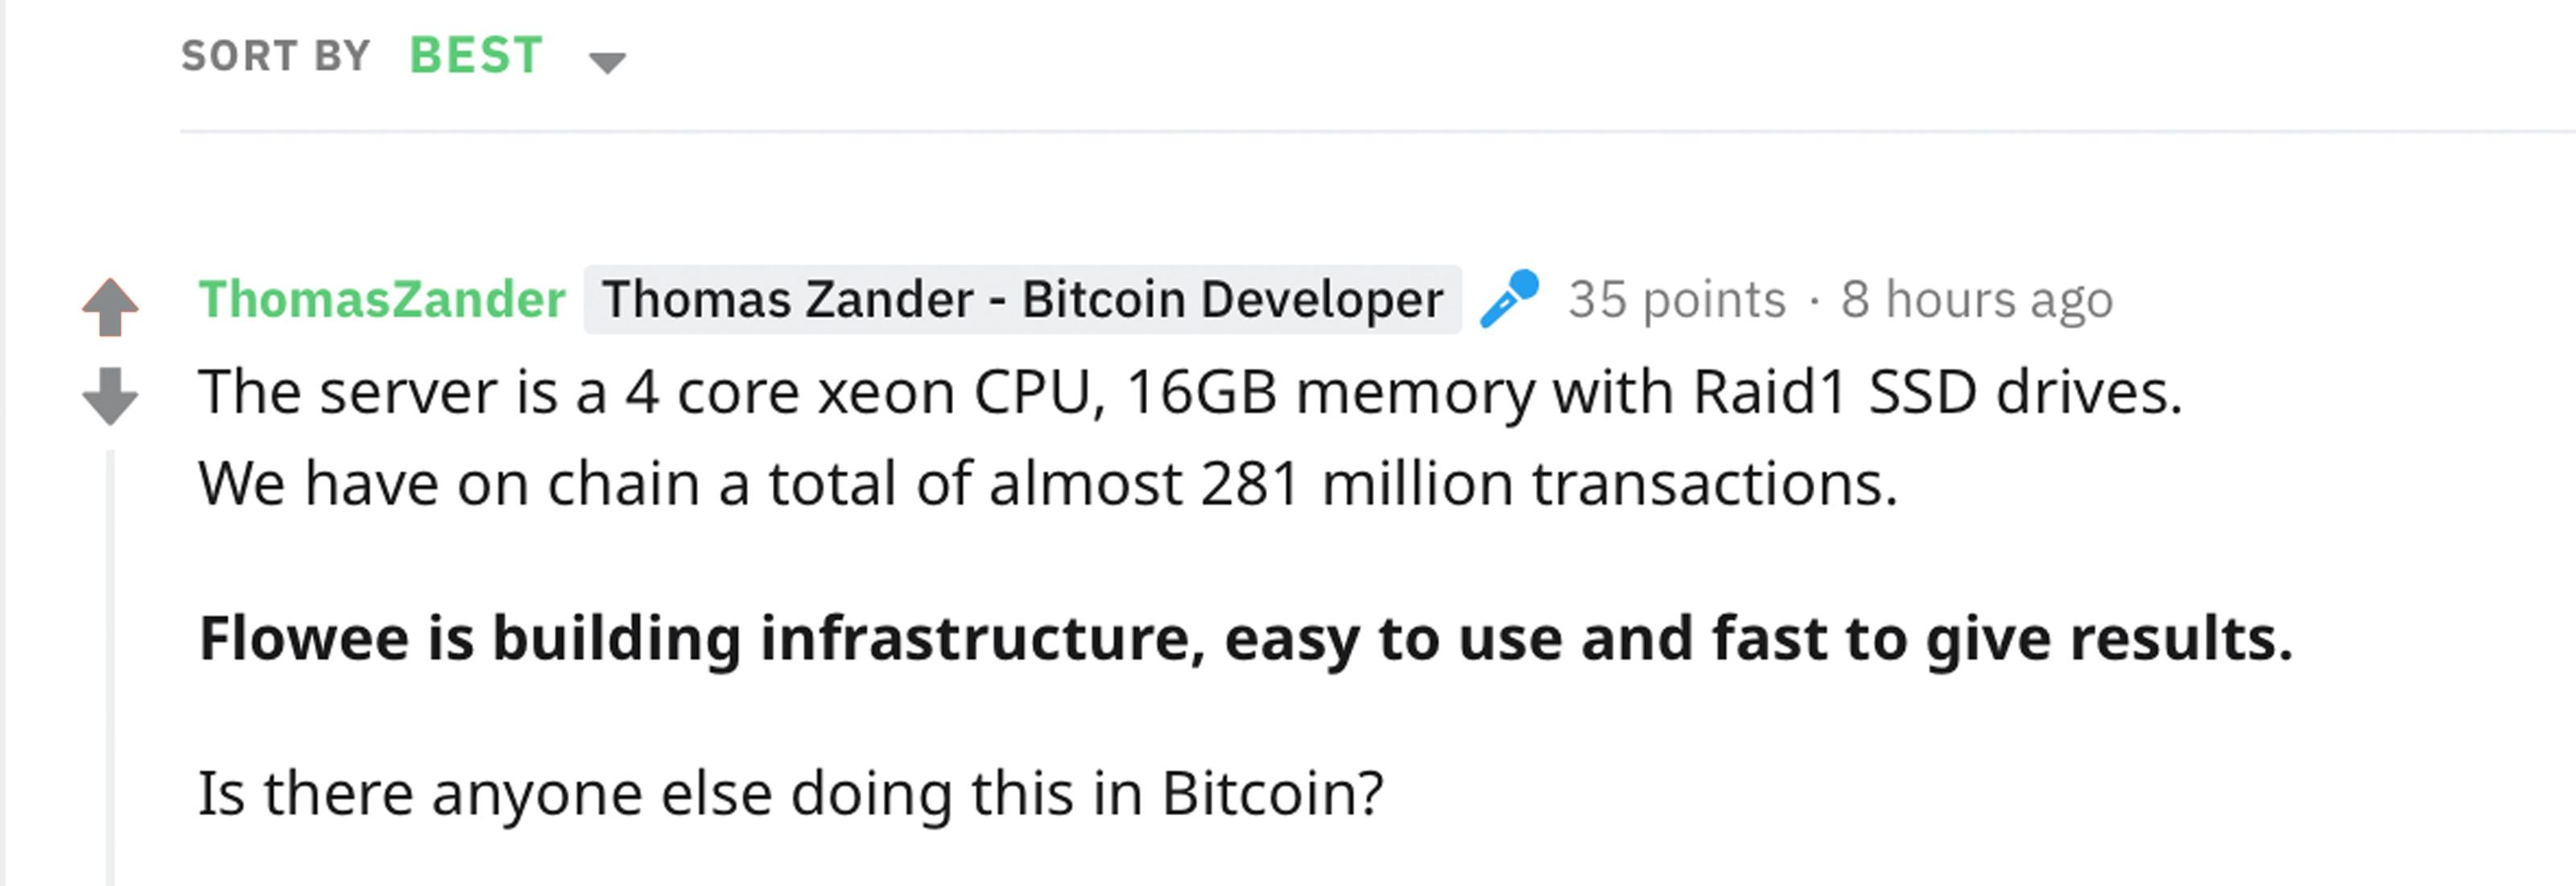 """Conozca a Flowee the Hub: un validador de Bitcoin Cash rico en funciones """"ancho = """"3200"""" height = """"1100"""" srcset = """"https://blackswanfinances.com/wp-content/uploads/2019/11/infra323.jpg 3200w, https://news.bitcoin.com/wp-content/ uploads / 2019/11 / infra323-300x103.jpg 300w, https://news.bitcoin.com/wp-content/uploads/2019/11/infra323-768x264.jpg 768w, https://news.bitcoin.com/ wp-content / uploads / 2019/11 / infra323-1024x352.jpg 1024w, https://news.bitcoin.com/wp-content/uploads/2019/11/infra323-696x239.jpg 696w, https: // noticias. bitcoin.com/wp-content/uploads/2019/11/infra323-1392x479.jpg 1392w, https://news.bitcoin.com/wp-content/uploads/2019/11/infra323-1068x367.jpg 1068w, https: //news.bitcoin.com/wp-content/uploads/2019/11/infra323-1222x420.jpg 1222w """"tamaños ="""" (ancho máximo: 3200px) 100vw, 3200px"""